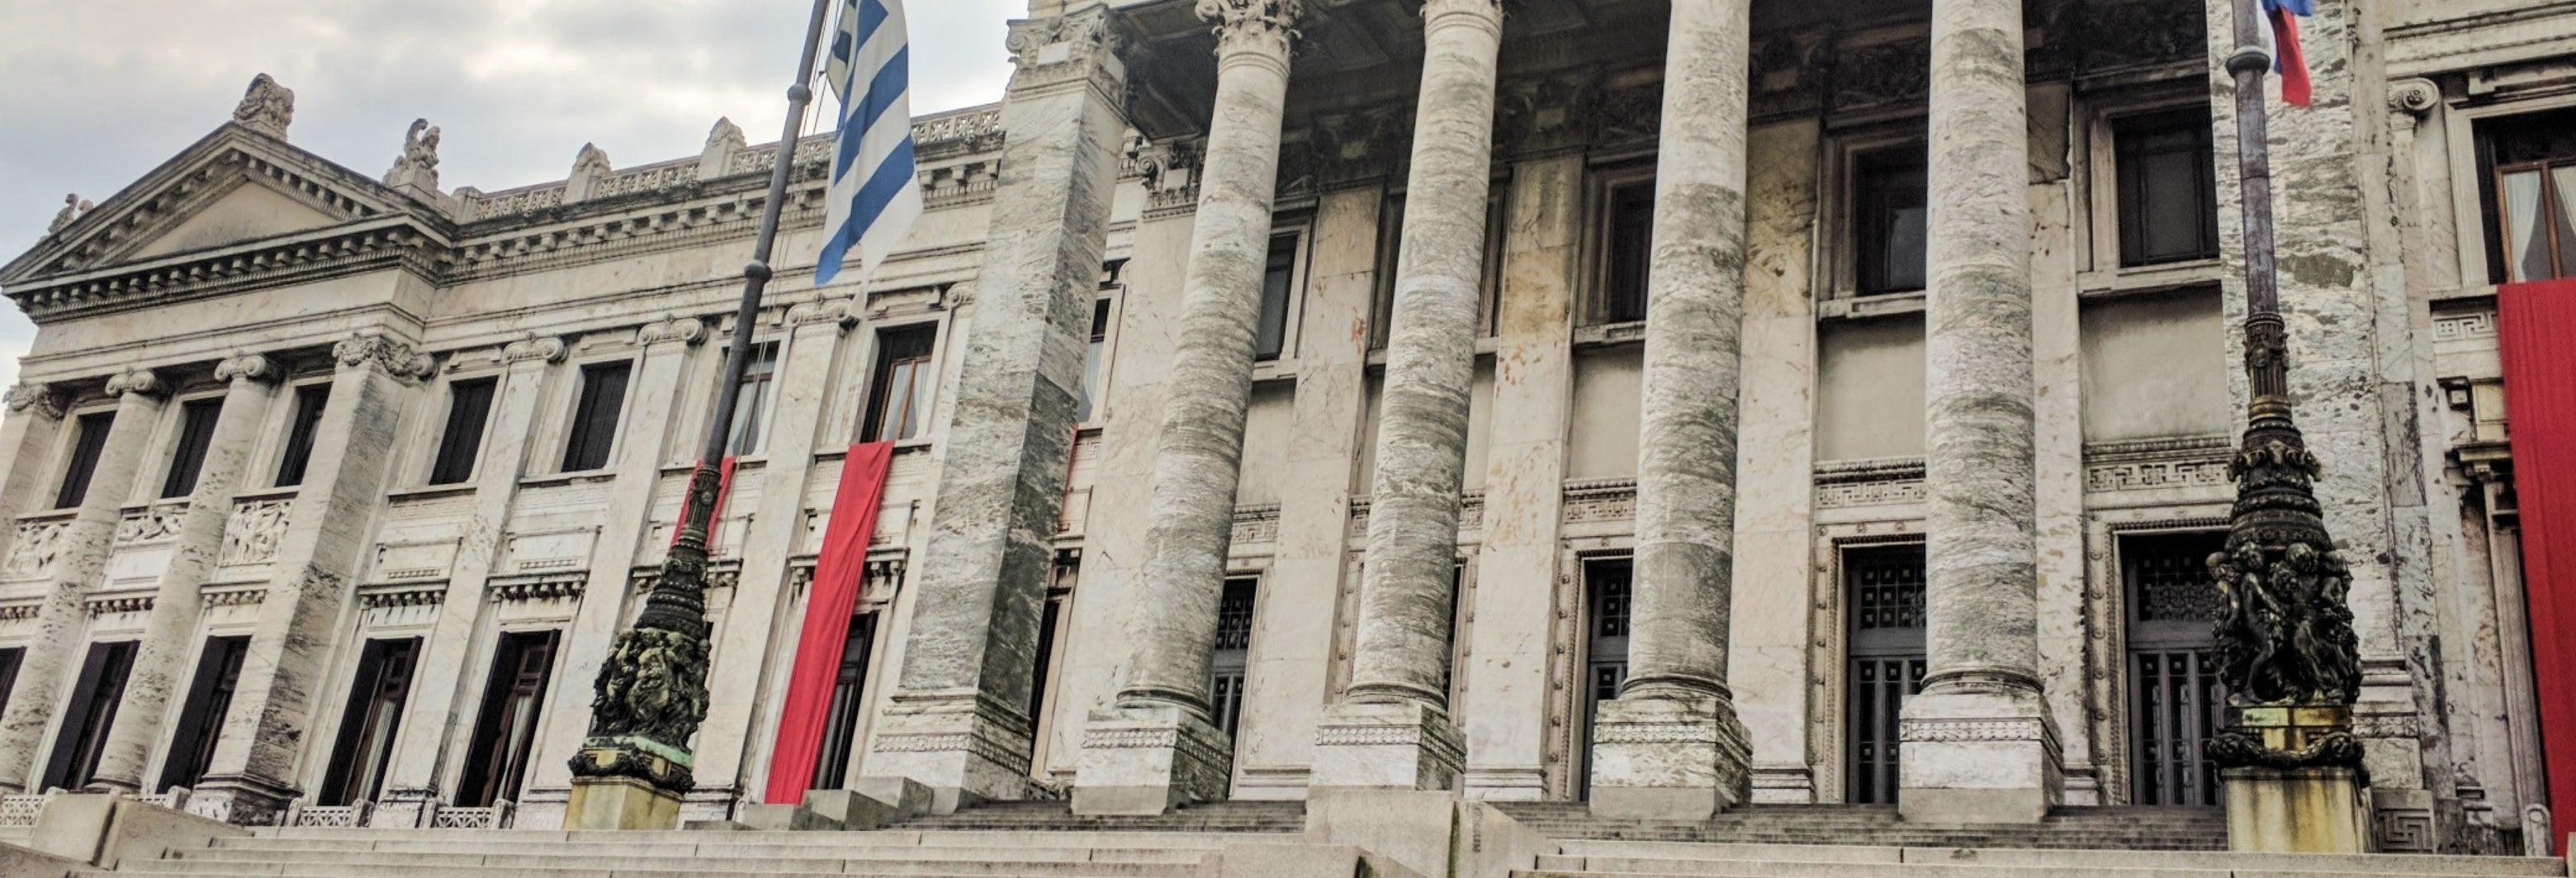 Tour por el Palacio Legislativo y el Mercado Agrícola